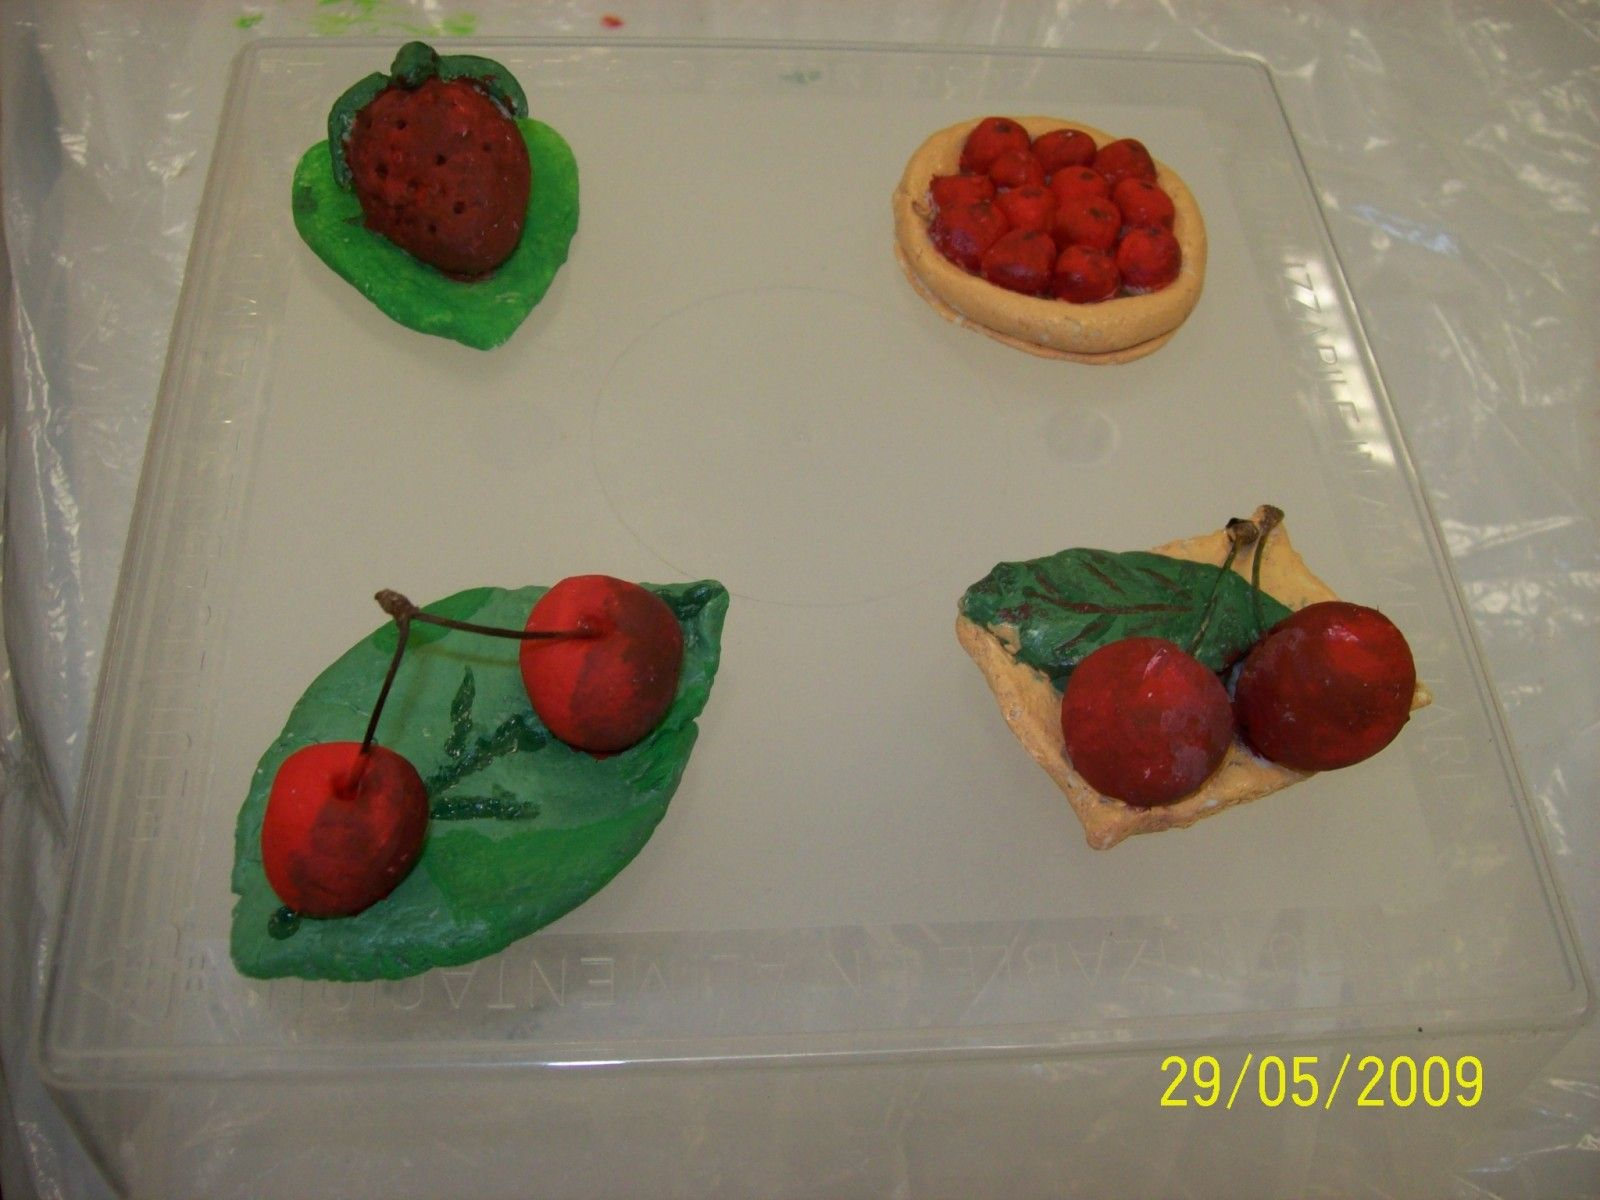 Poupee Inspiration S Kay Loisirs Et Passions De Cricri Poupees En Argile Polymere Recette Porcelaine Froide Bijoux En Porcelaine Froide